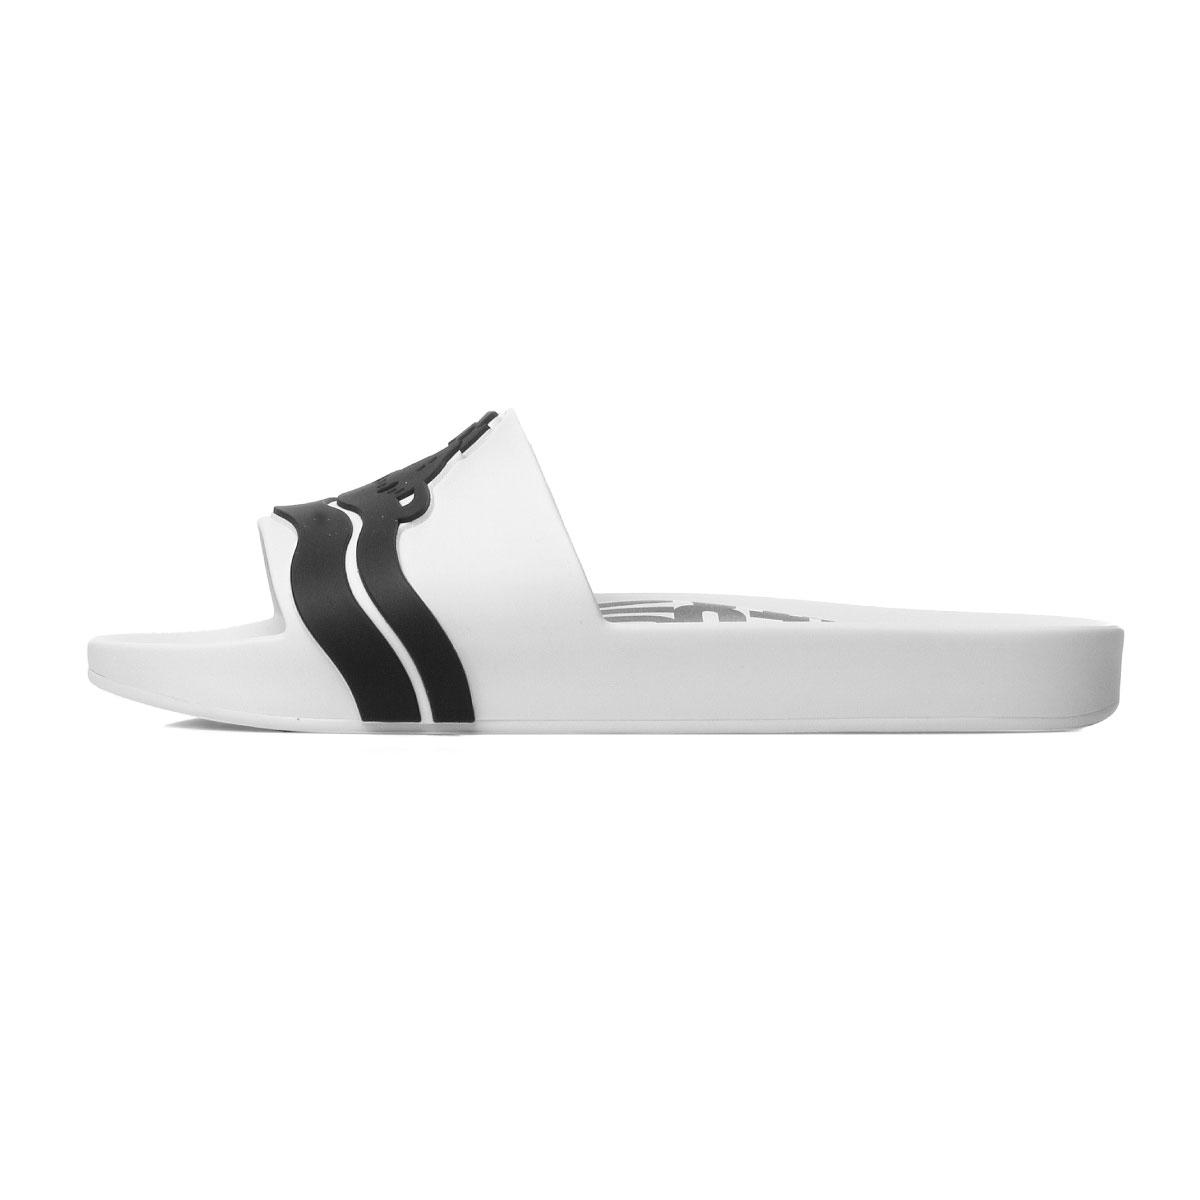 0ae8764c5e8 ... Vivien waist Wood VIVIENNE WESTWOOD shoes Lady's 32225 52967 sandals  WHITE white ...